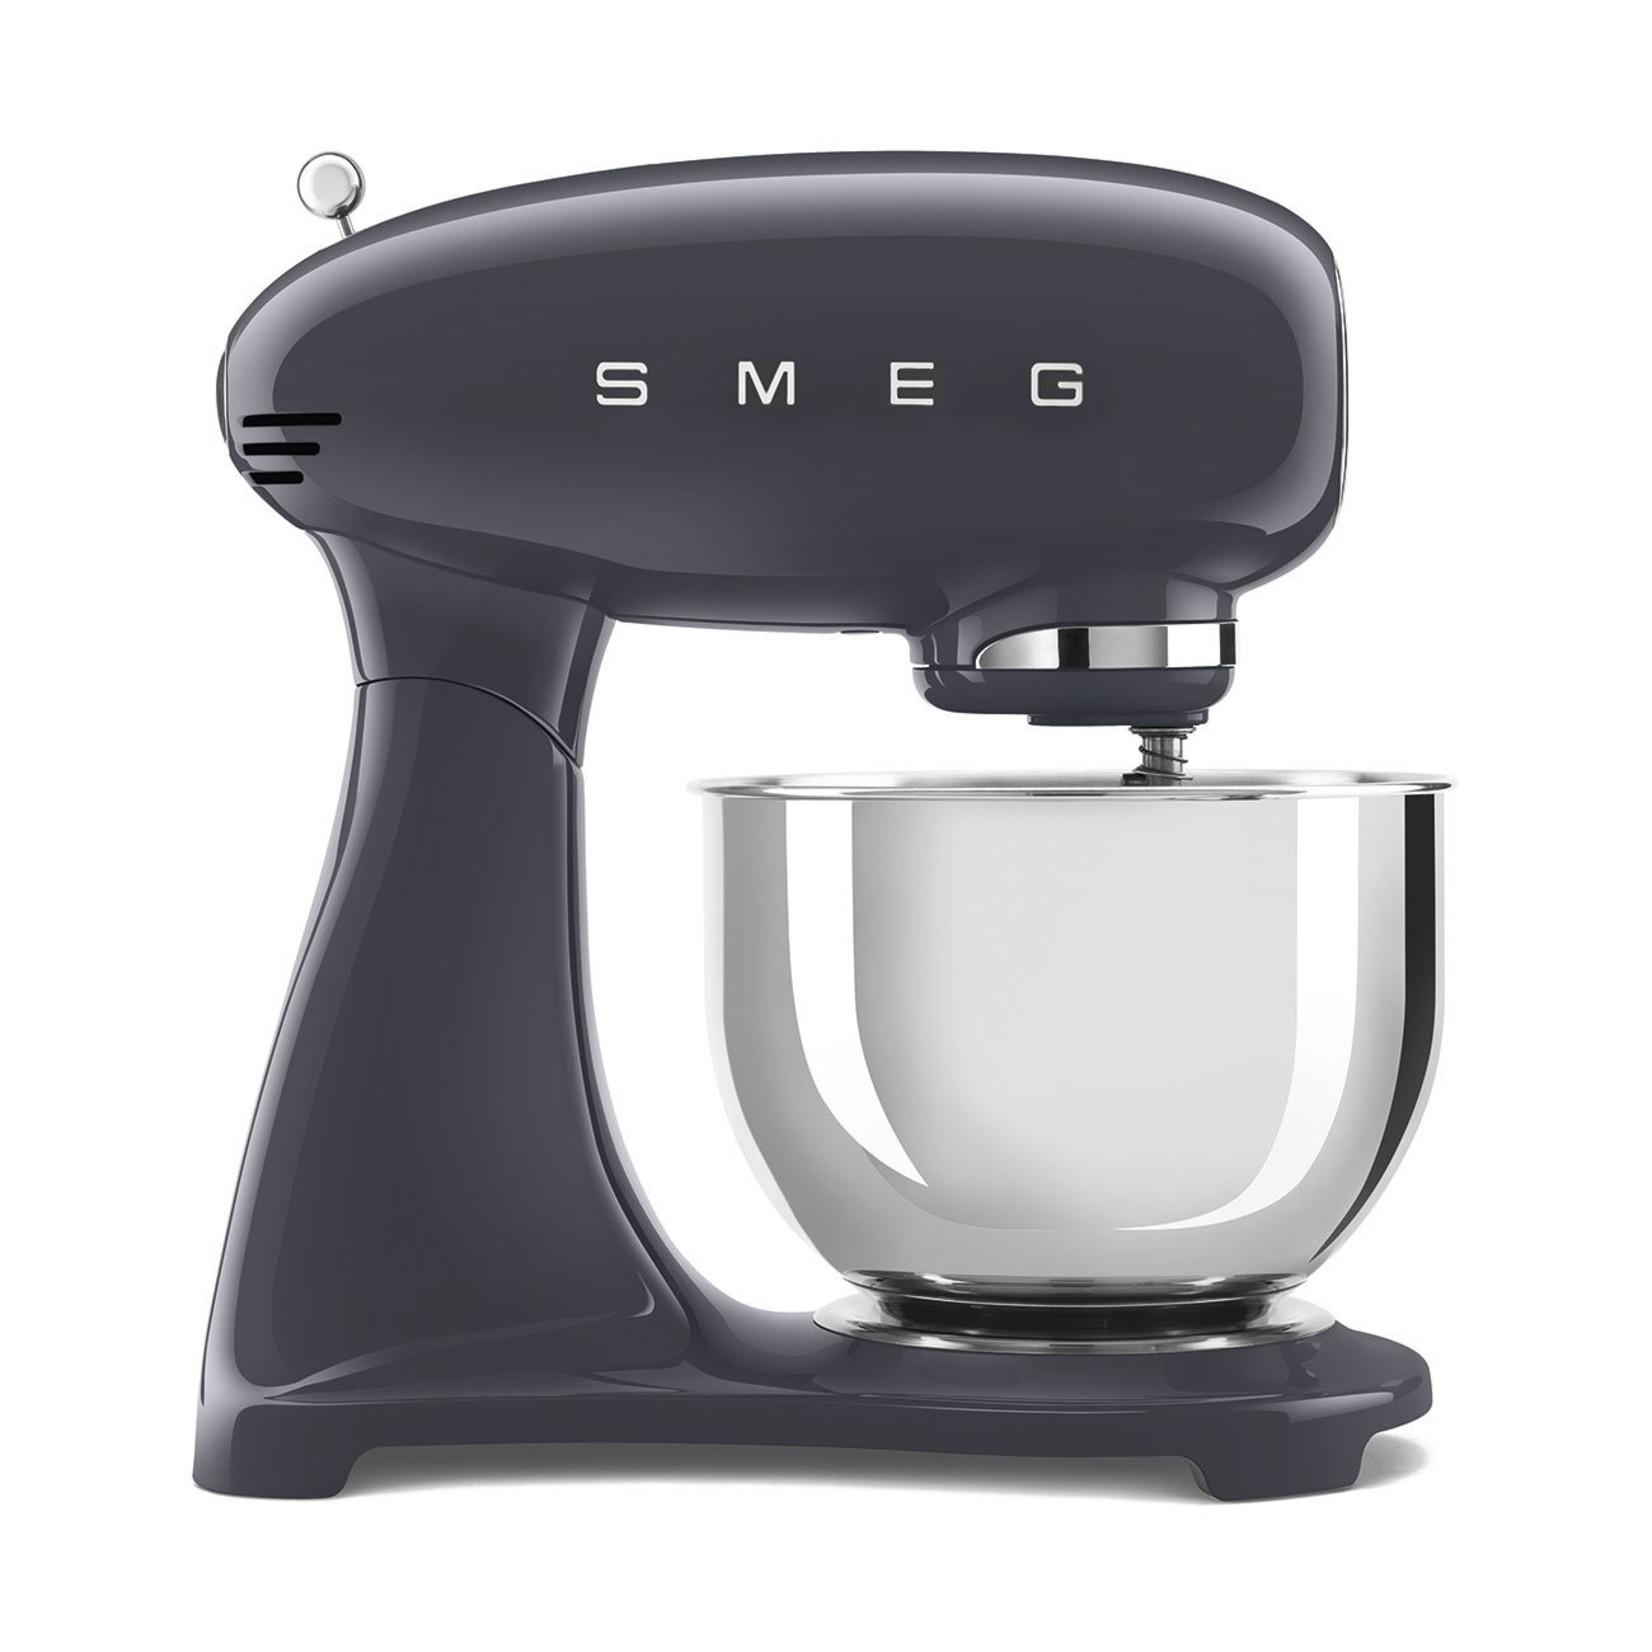 Smeg Smeg Keukenmachine SMF03GREU, leigrijs